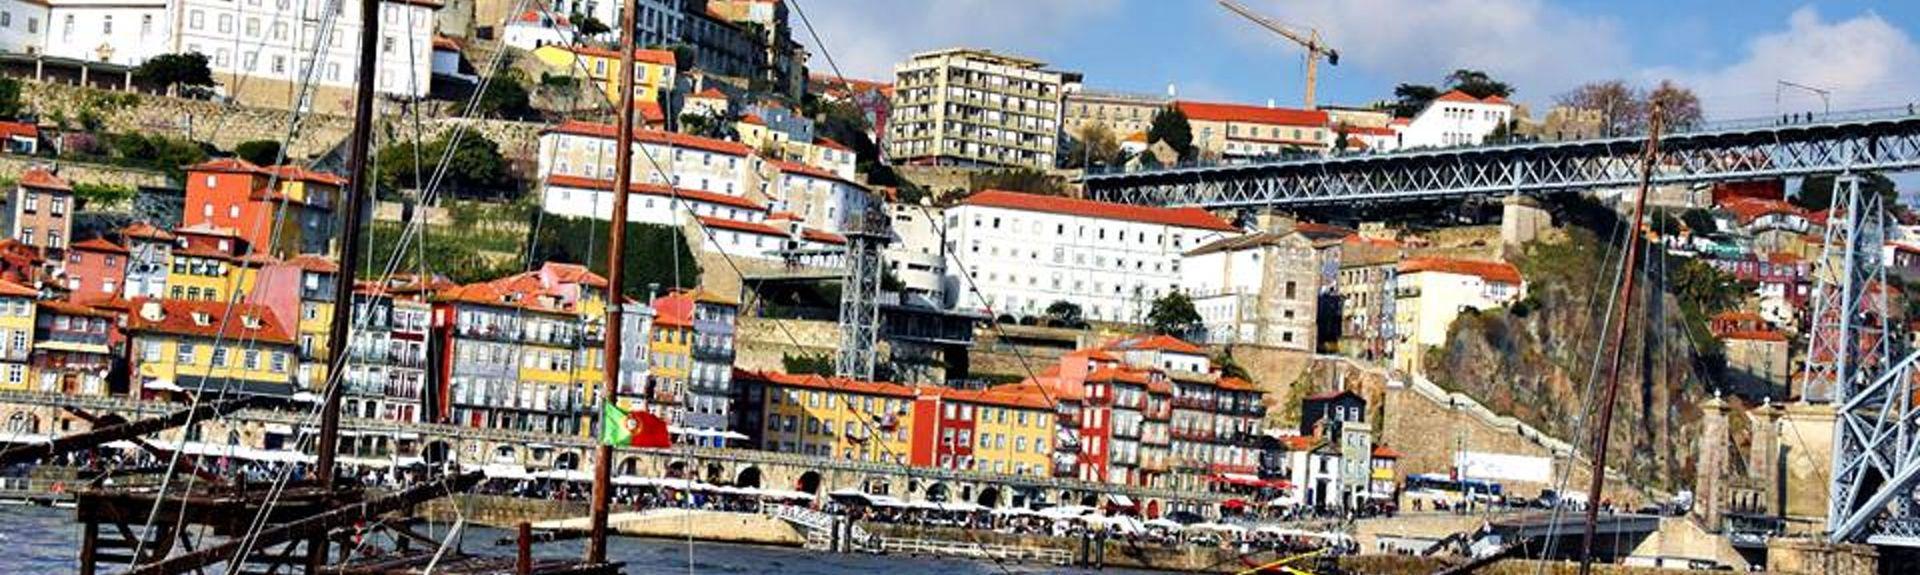 Santa Marinha, Vila Nova de Gaia, Distrito do Porto, Portugal